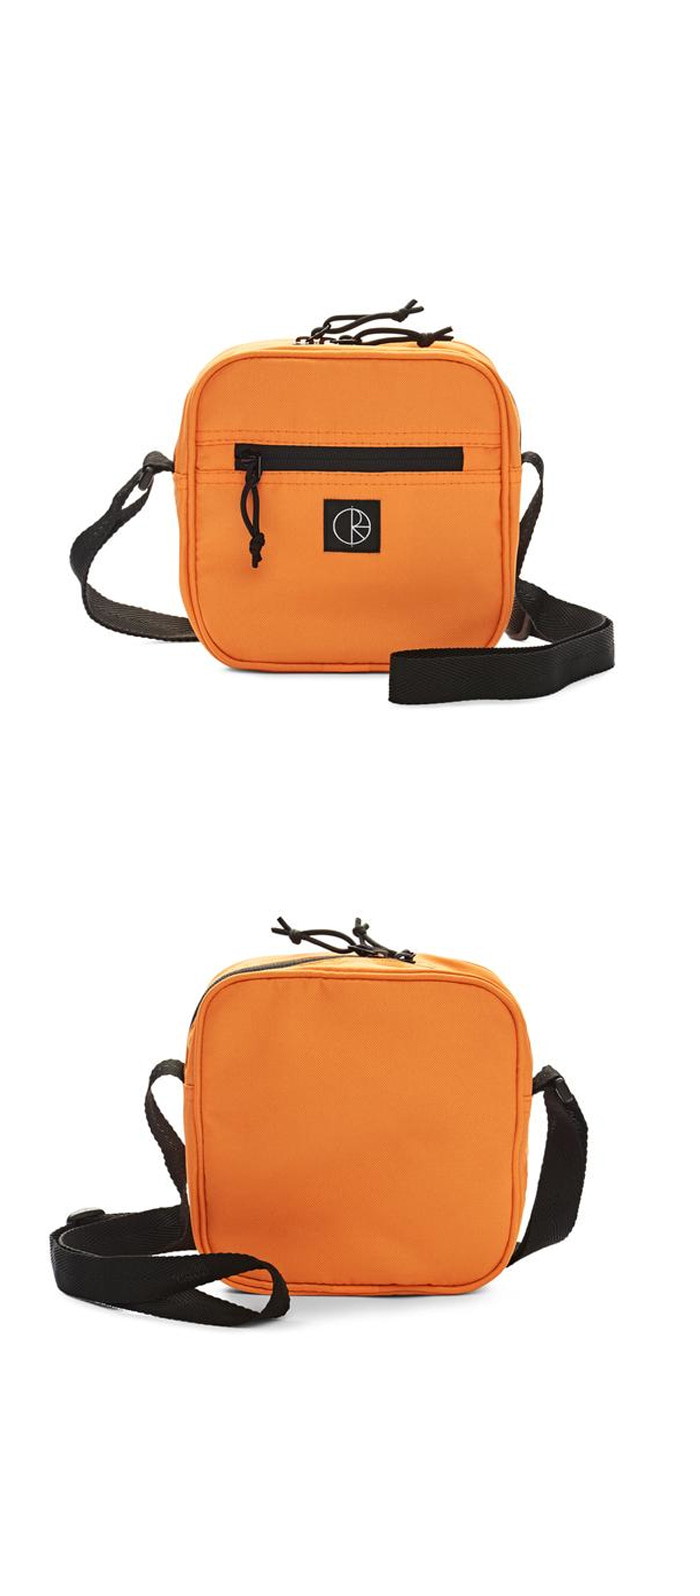 폴라(POLAR) Cordura Dealer Bag - Orange